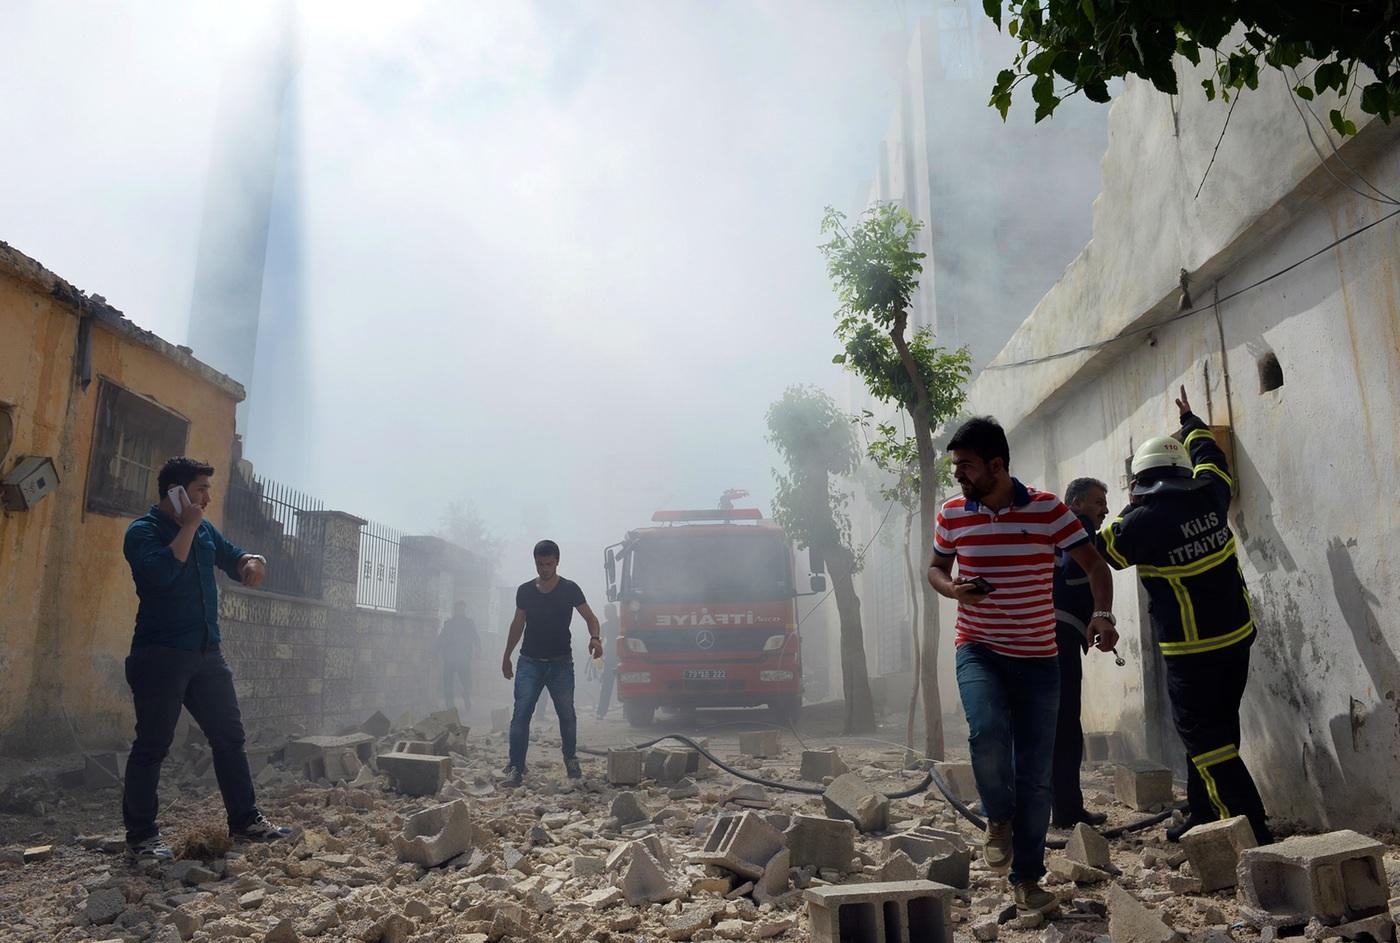 Hiện trường một vụ phóng rocket từ Syria sang thành phố Kilis, Thổ Nhĩ Kỳ hôm 19/4 (Ảnh: AP)